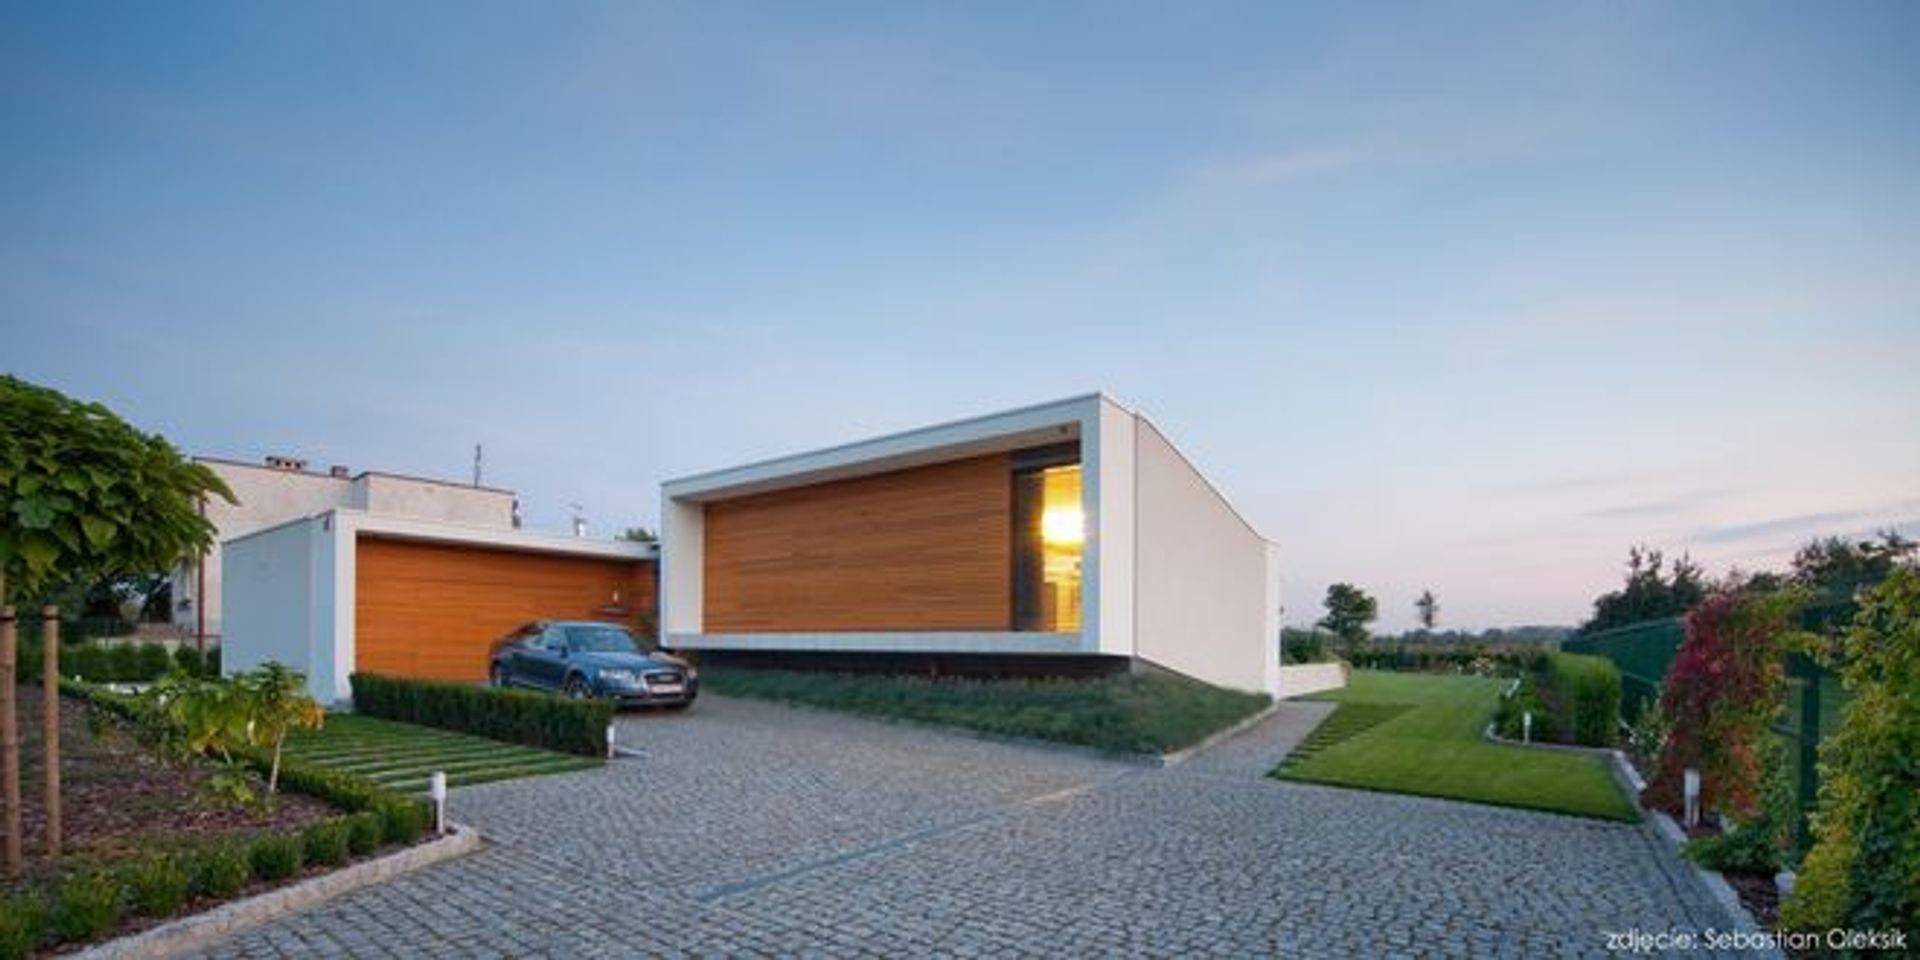 [Wrocław] Zobacz najpiękniejsze budynki we Wrocławiu, jakie powstały w 2011 roku